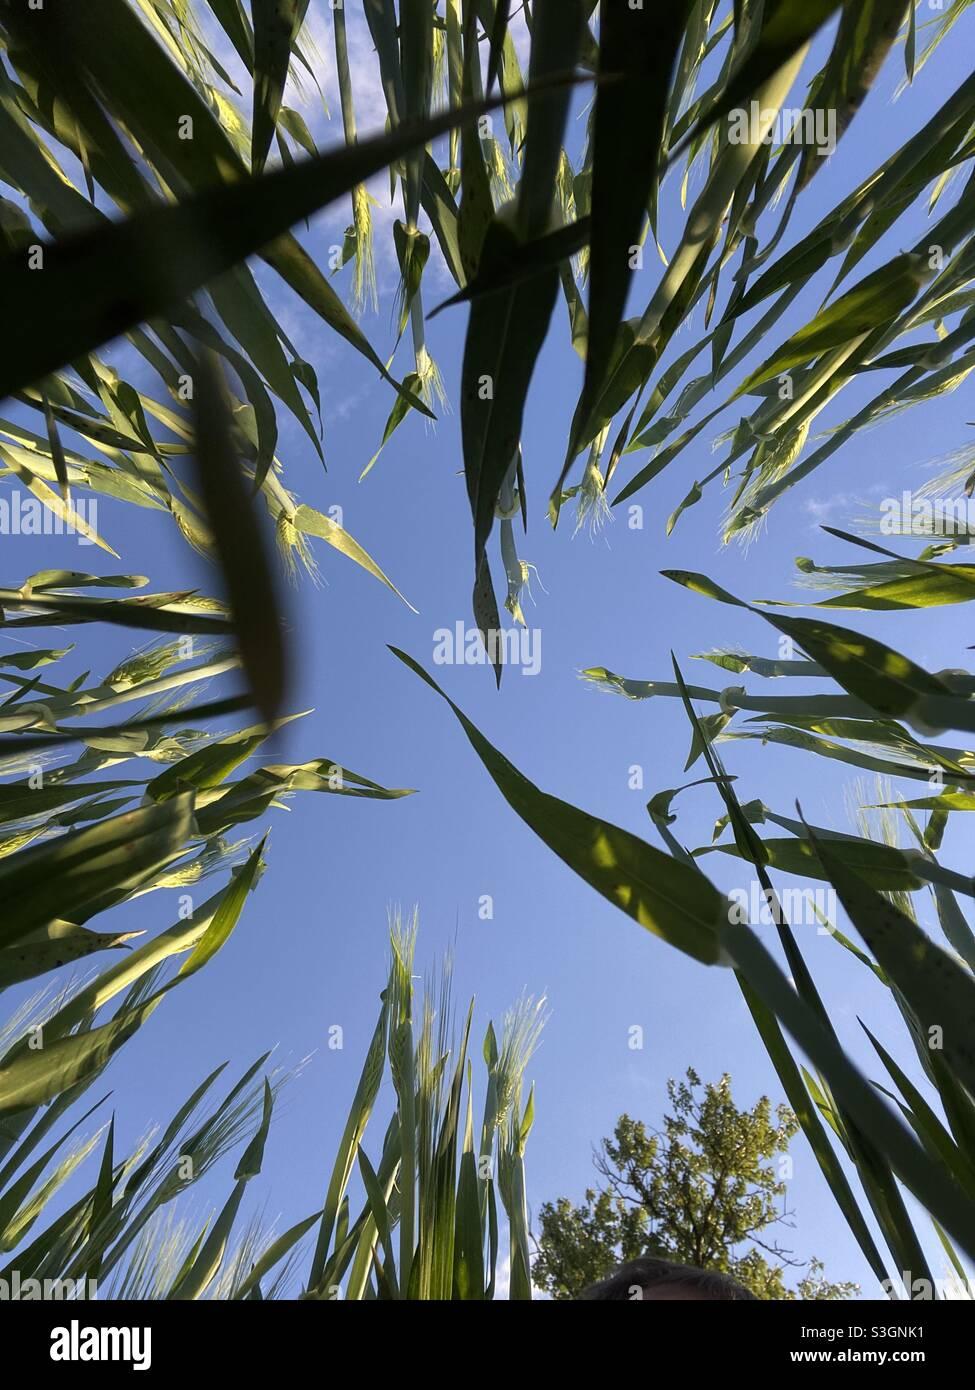 Blick vom Boden auf grünes Gras und blauen Himmel, landwirtschaftliche und ökologische, Ernte Stockfoto